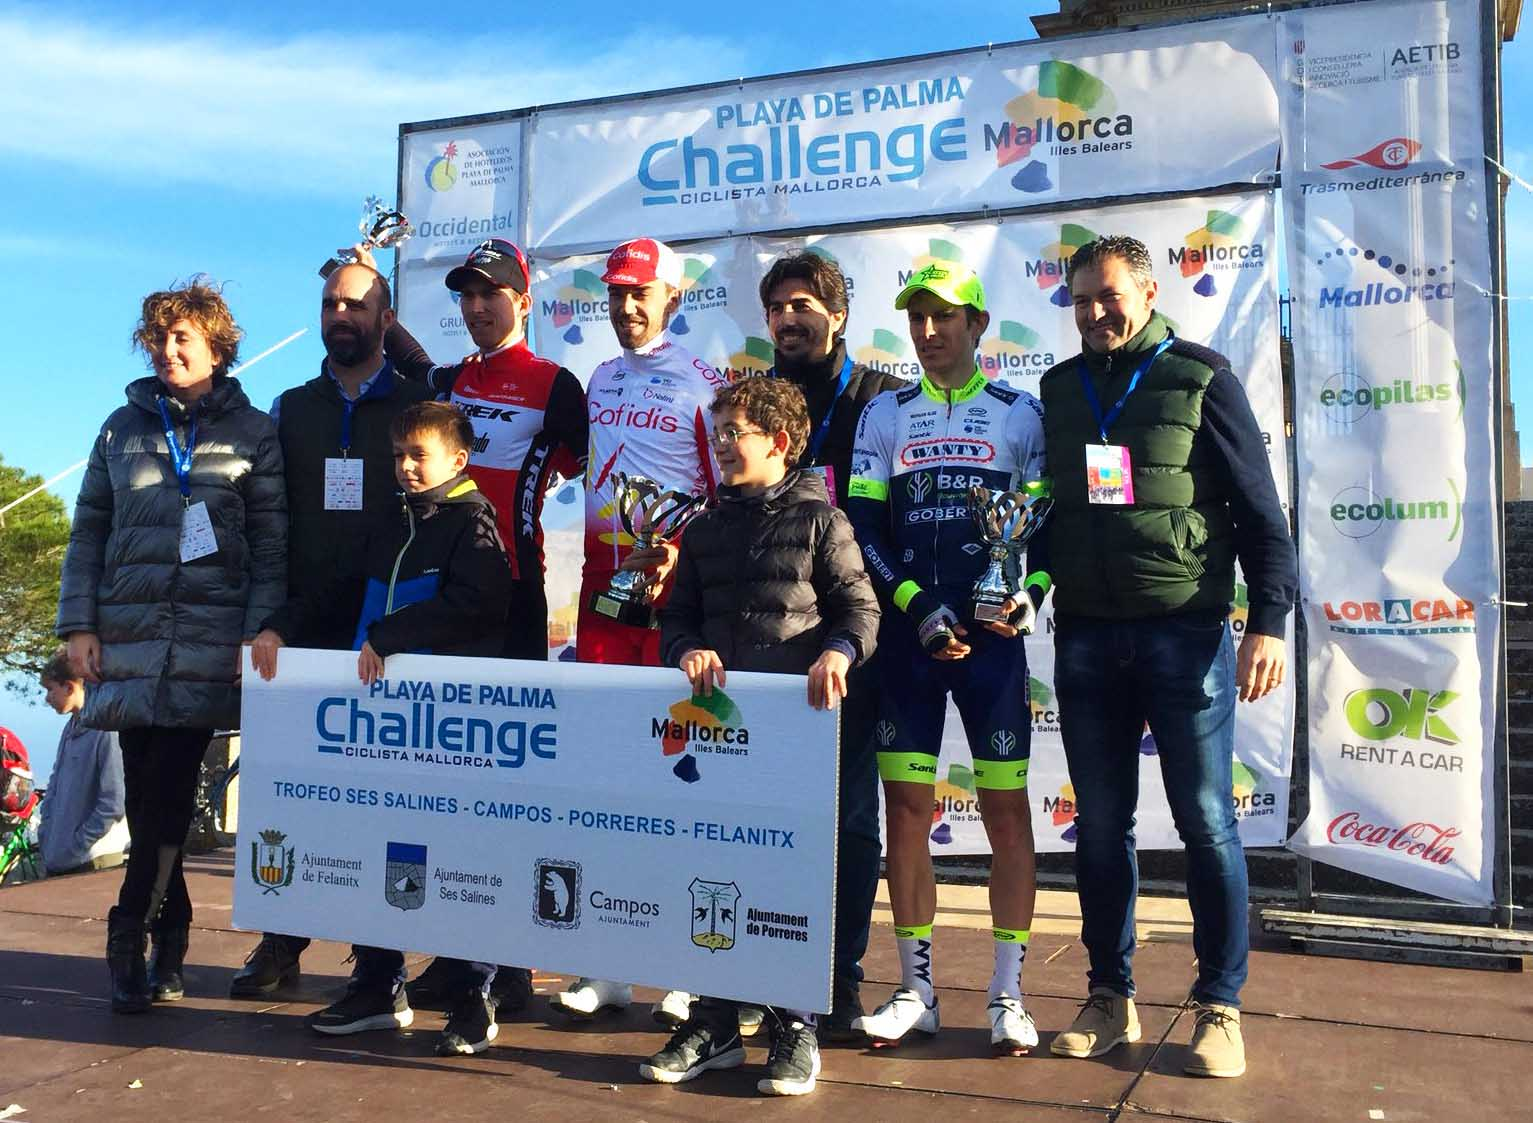 Il podio del Trofeo Ses Salines, Campos, Porreres, Felanitx